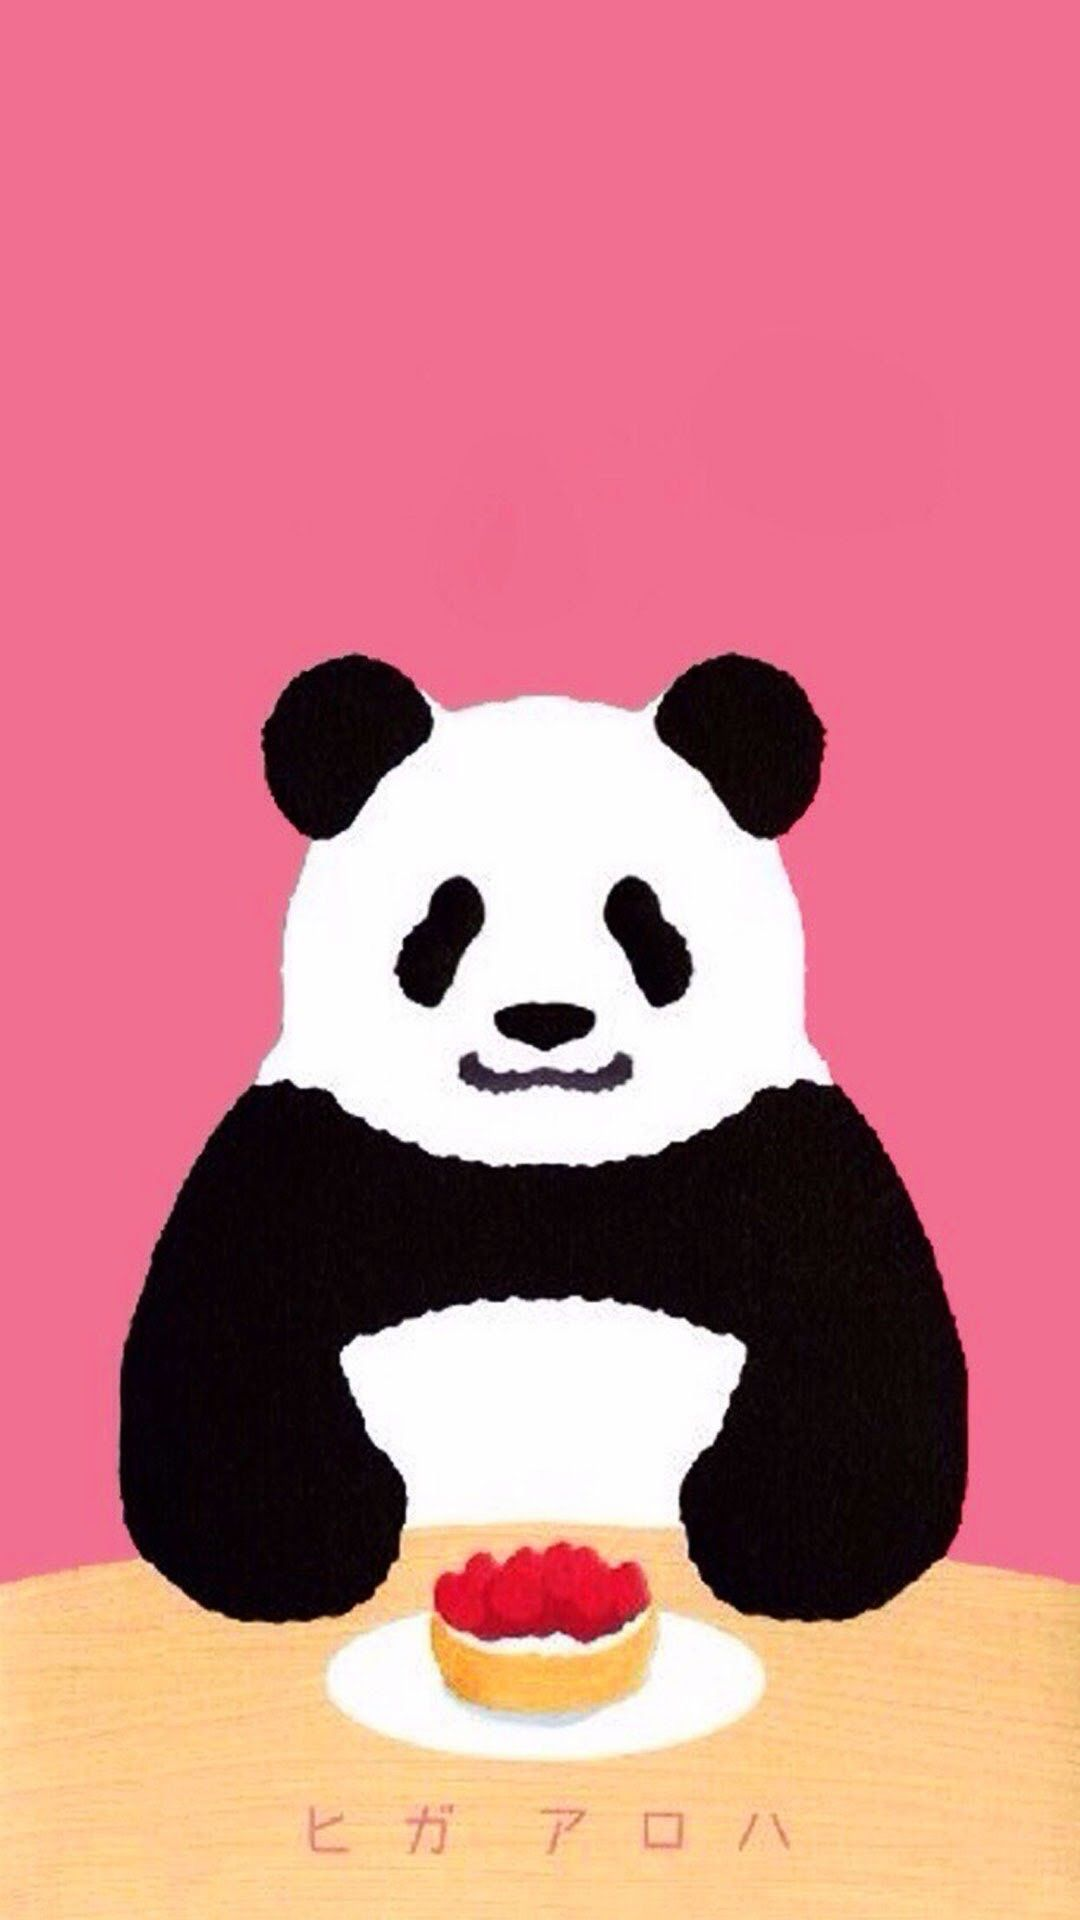 Panda Shirokuma Cafe Anime Iphone Wallpapers Iphone